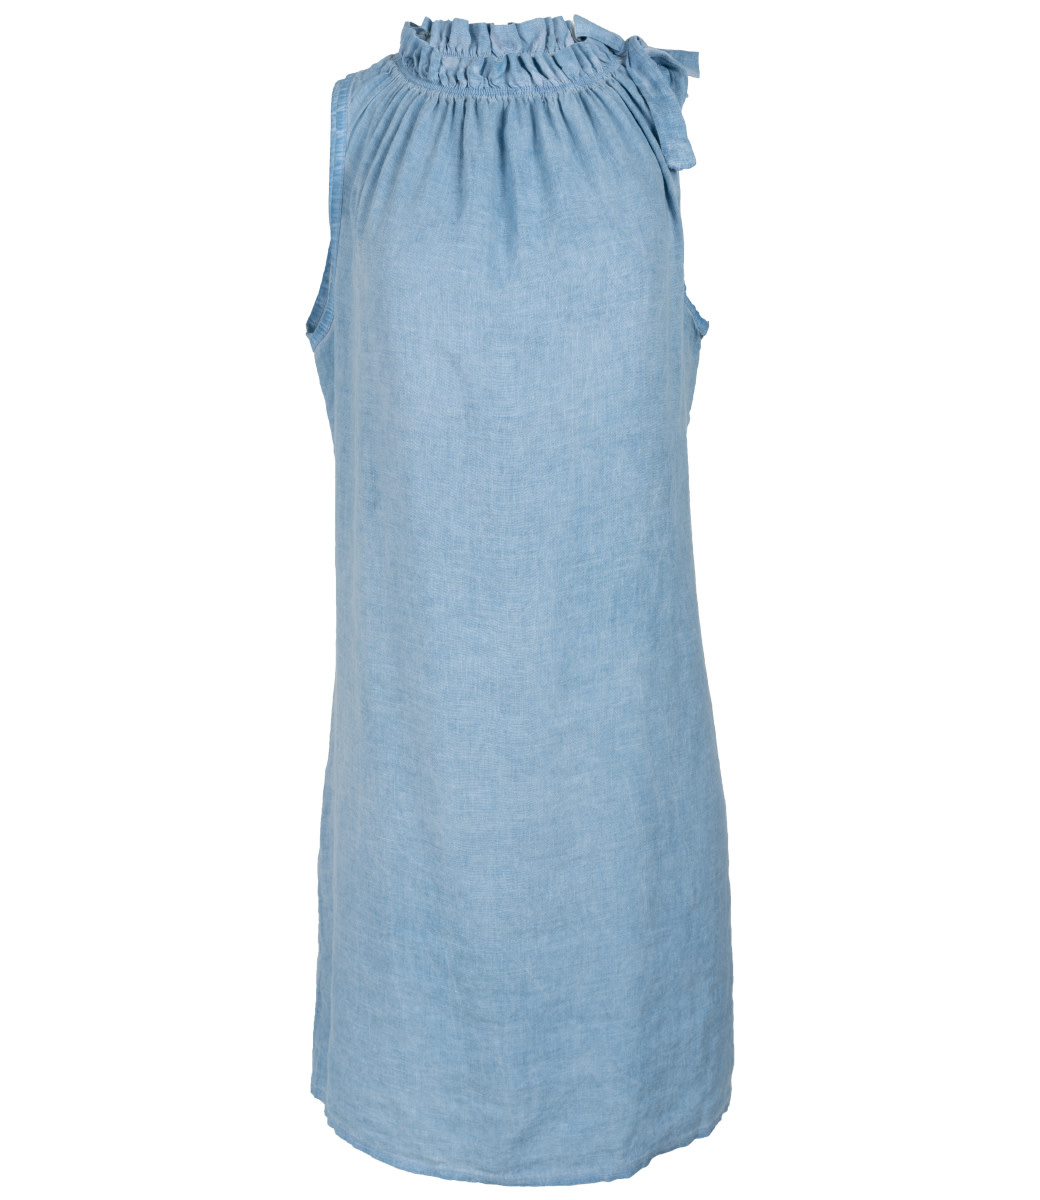 Wannahavesfashion Jurk blauw halter linnen